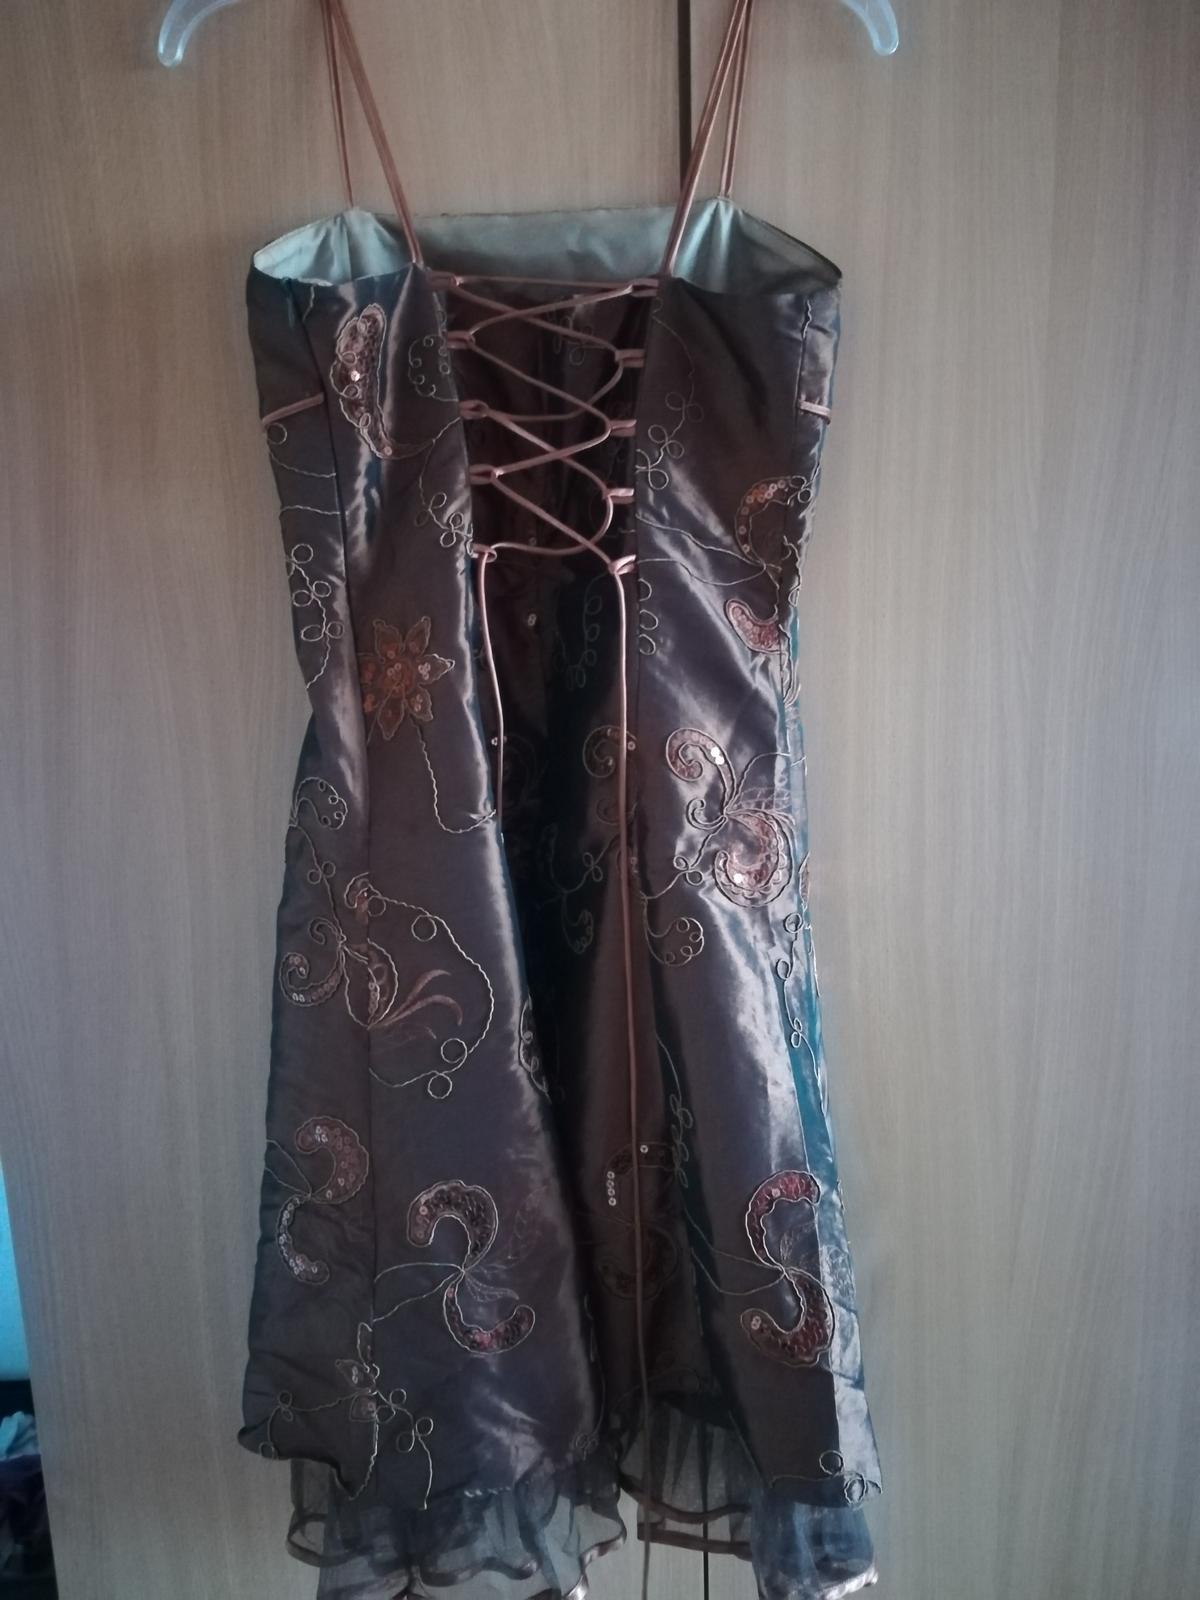 medené šaty - Obrázok č. 2